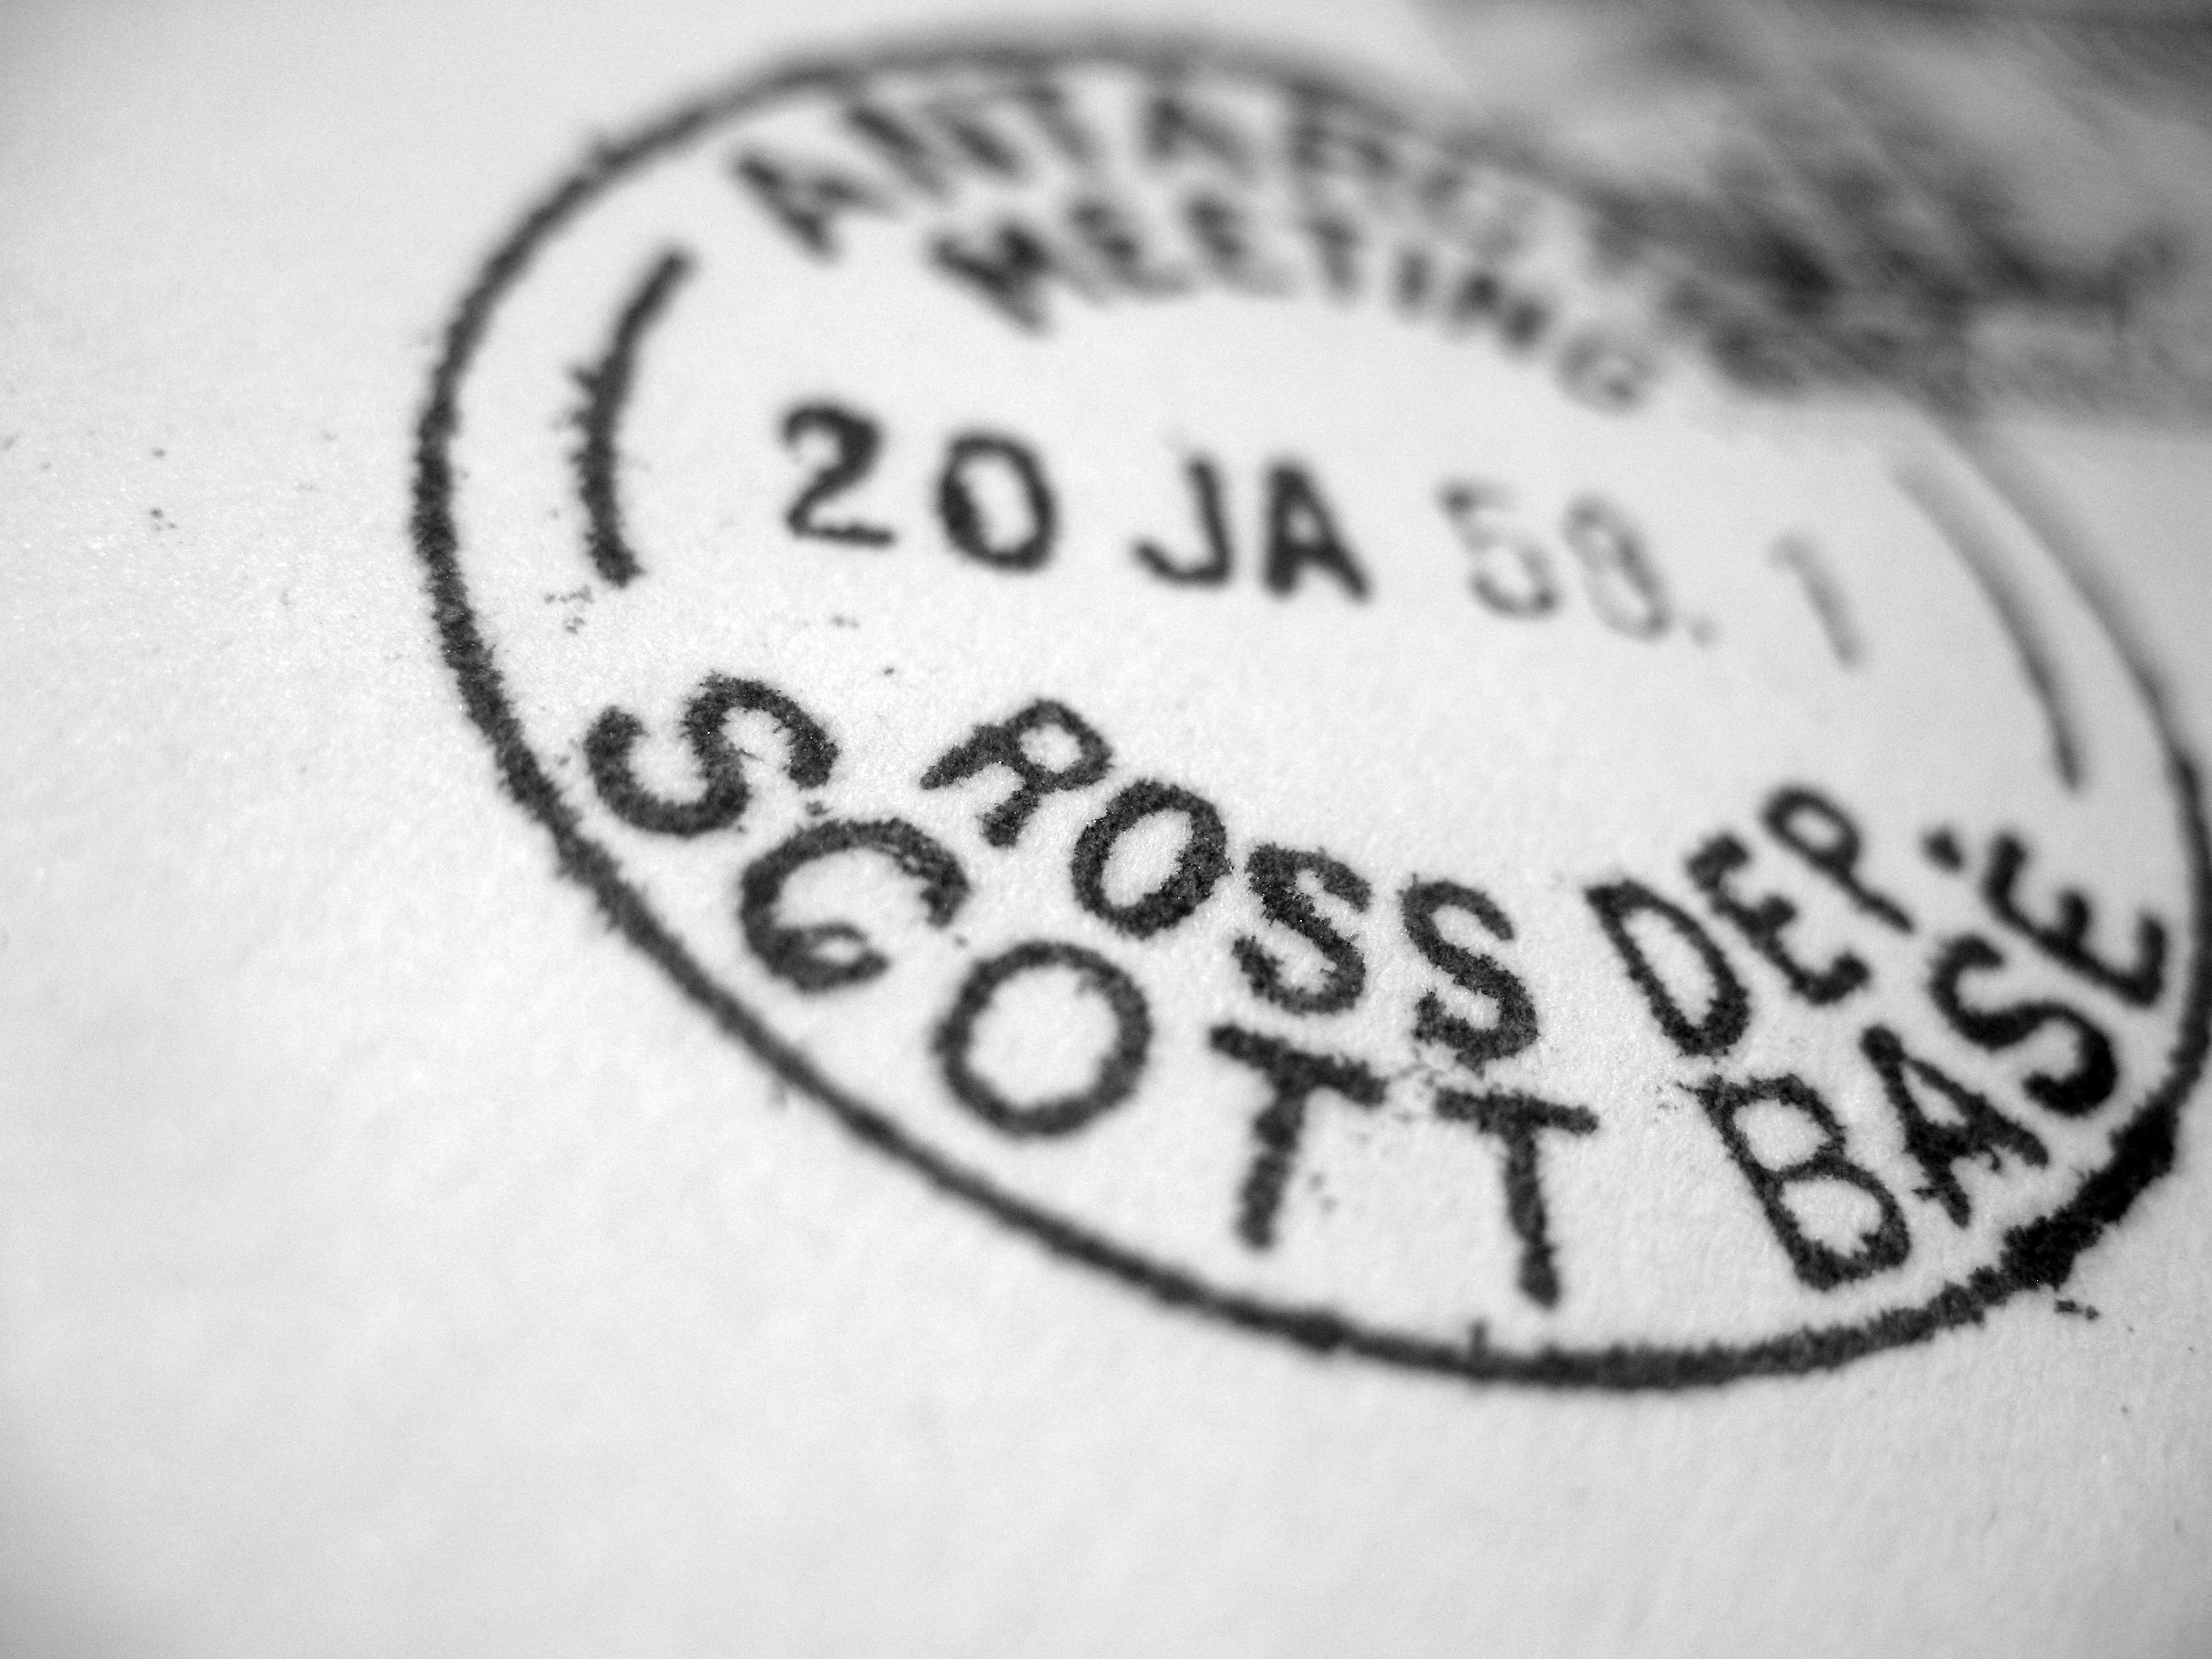 fișier poststempel postamt scott base ross dep antarktis jpg wikipedia